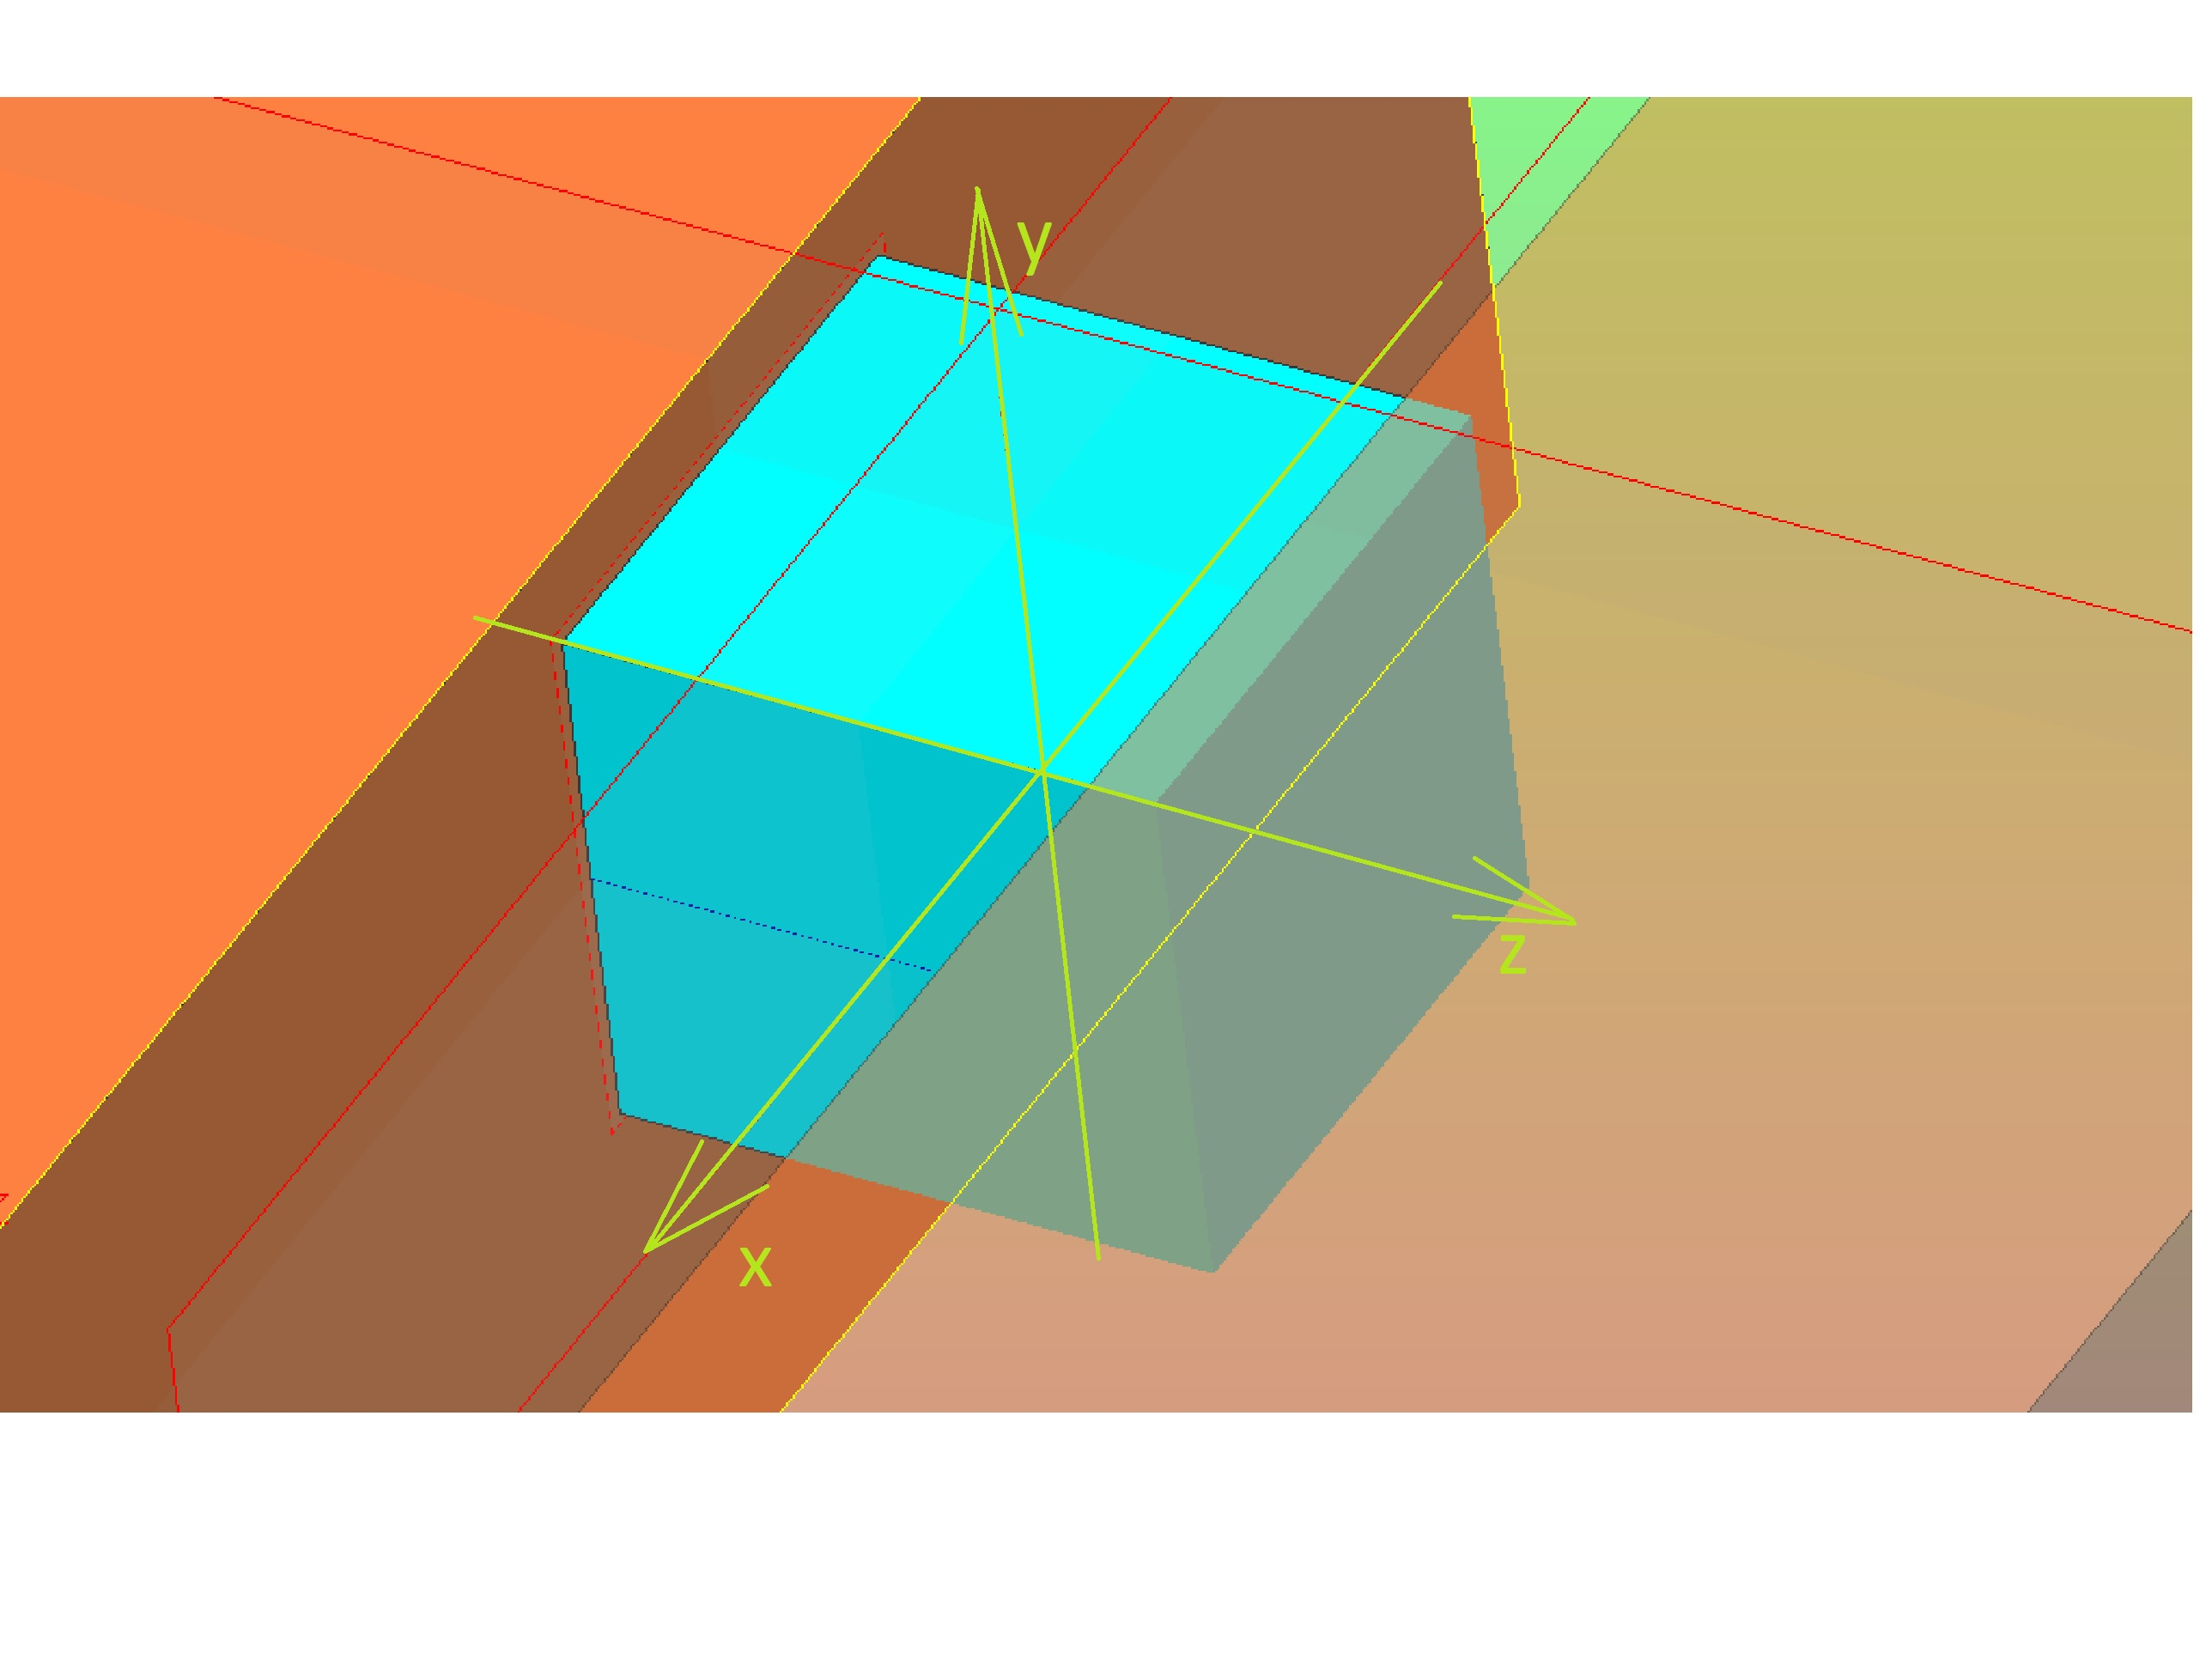 rozciaganie51 - Trójkierunkowy stan naprężenia sześcianu- wytrzymałość - zadanie 14